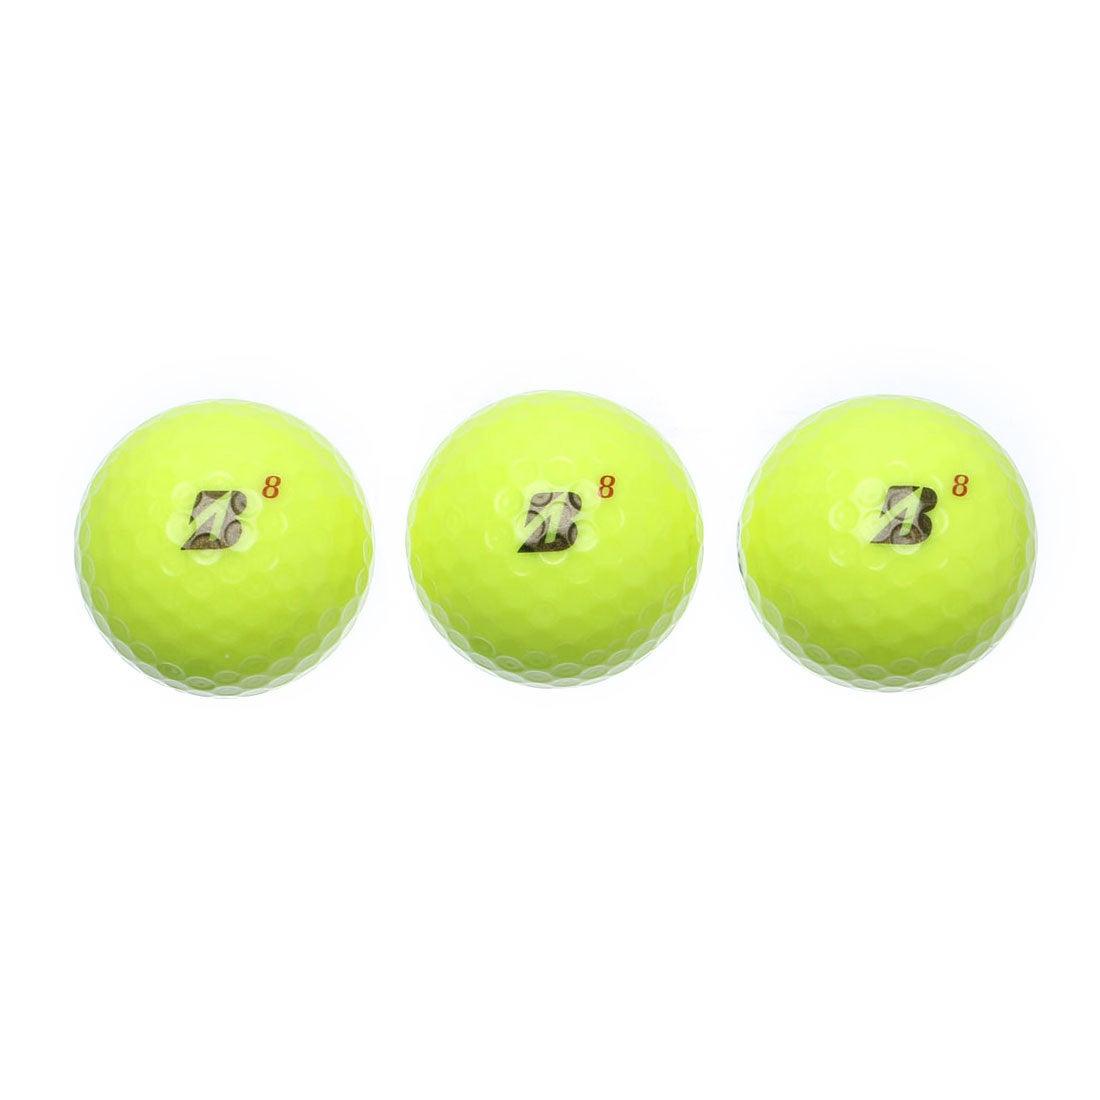 ブリヂストンゴルフ BRIDGESTONE GOLF ゴルフ 公認球 TOUR B X イエロー 8BYXJ